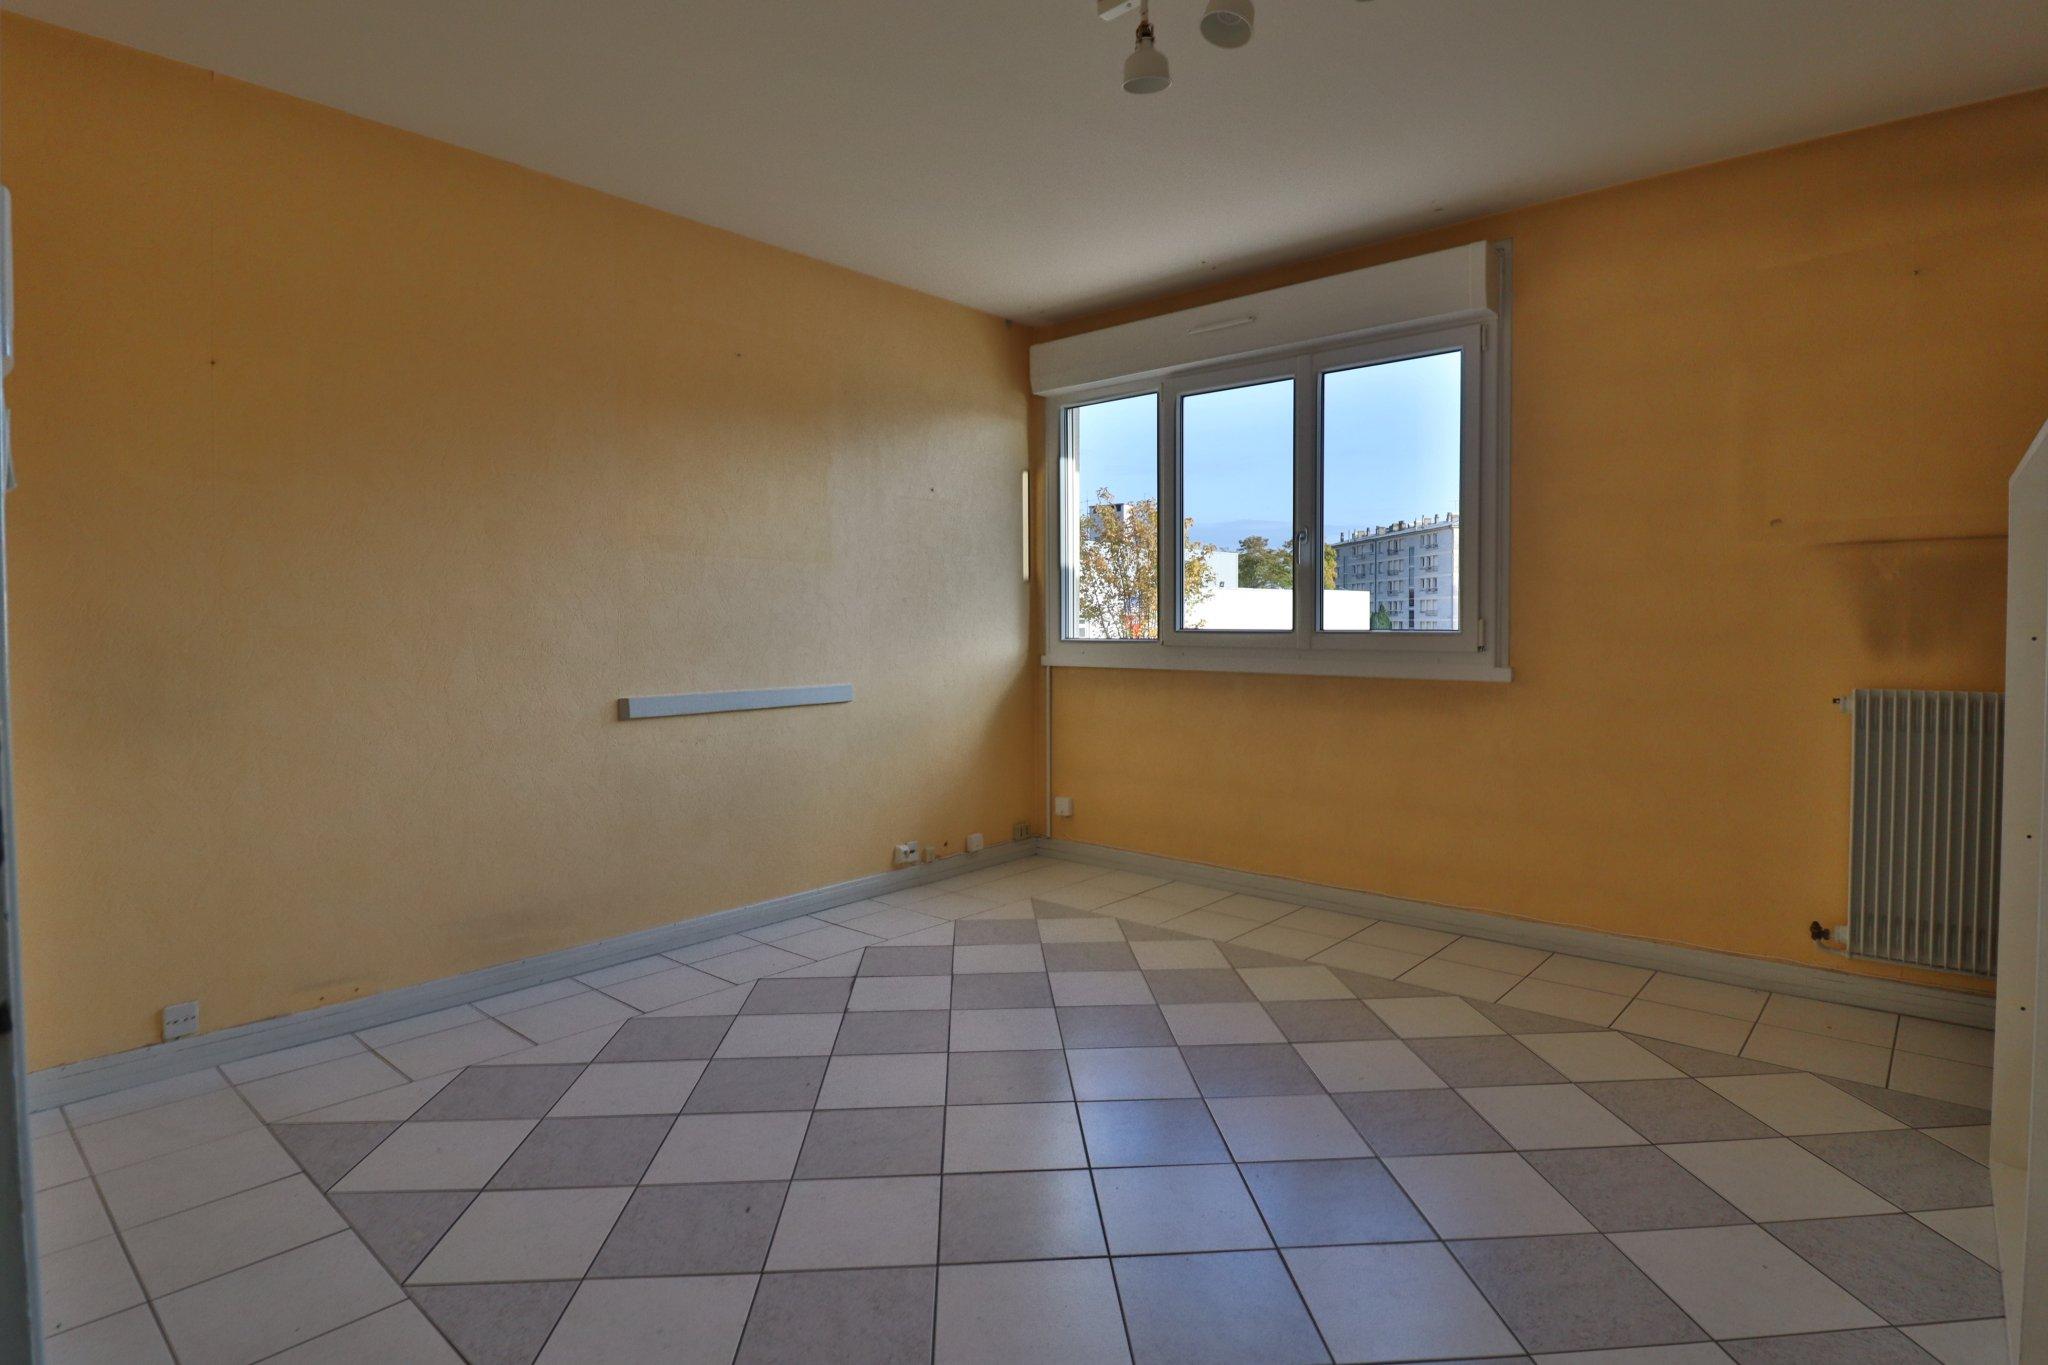 Damonte Achat appartement - Réf n° 1_19054